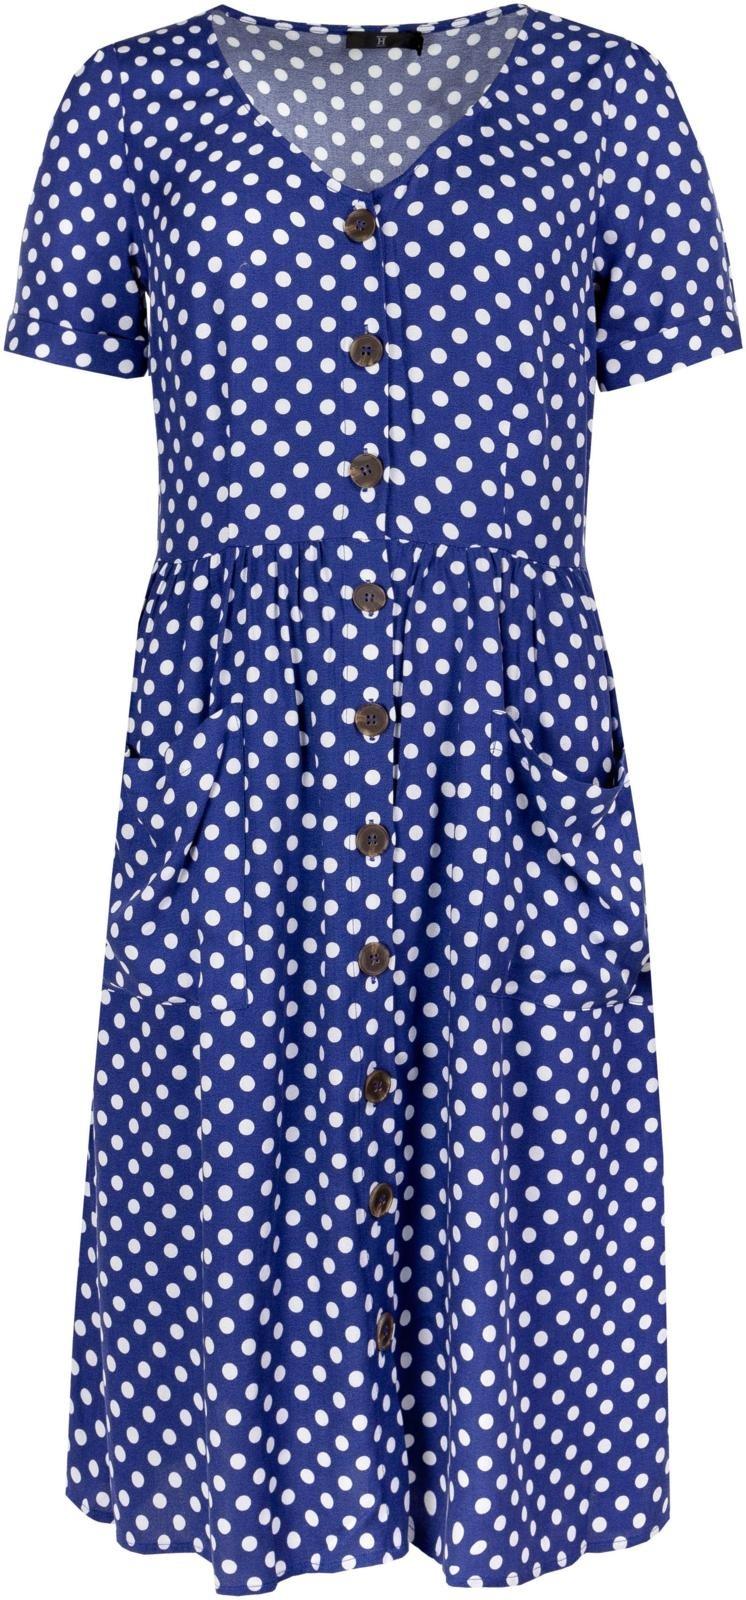 House naisten mekko Prisma verkkokauppa